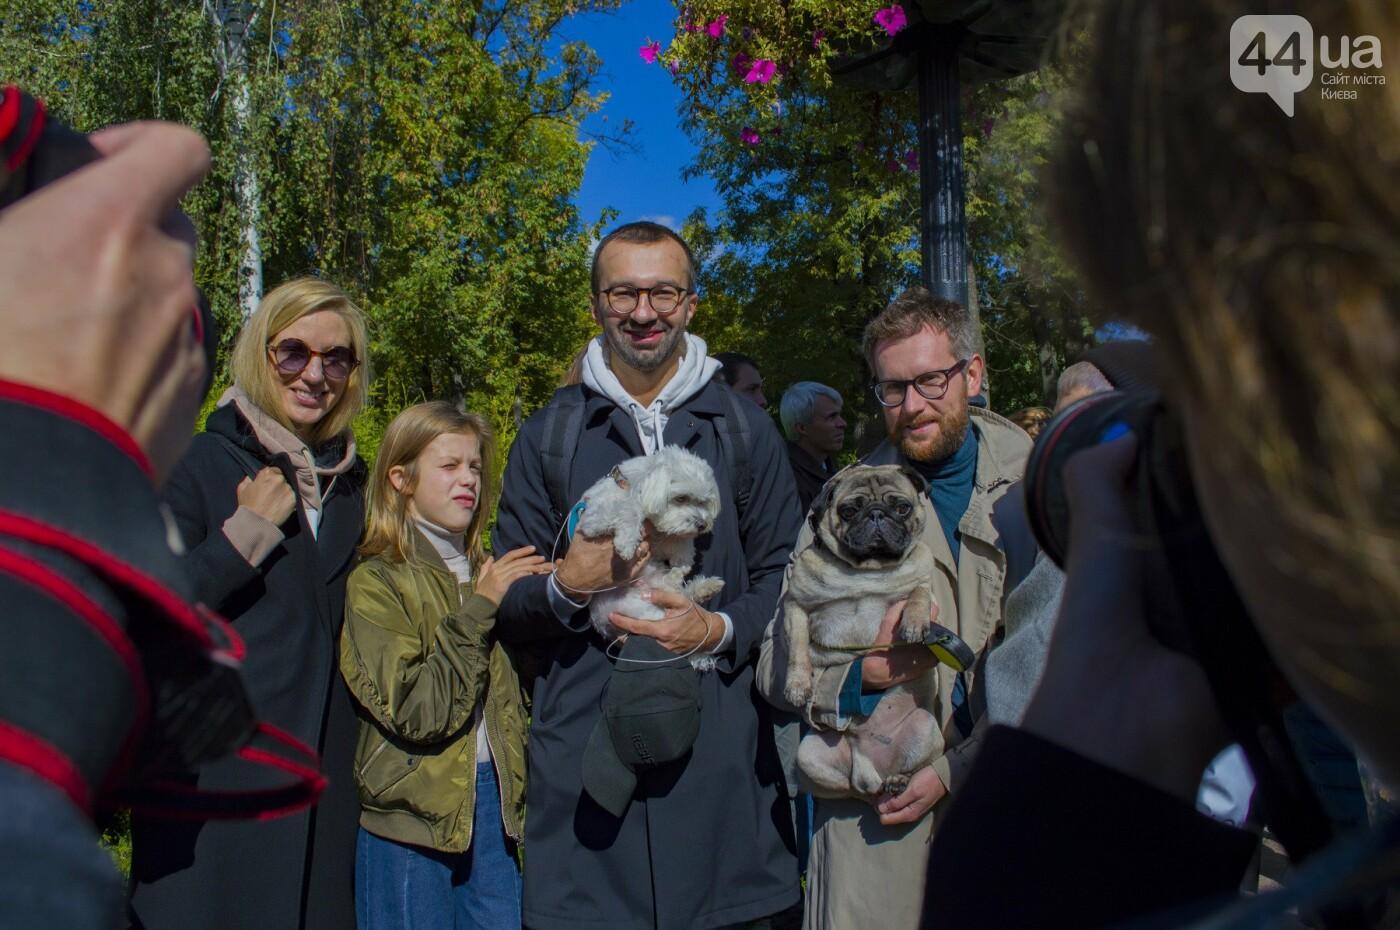 Собаки, коты и хомячки: в Киеве прошла акция за права животных, - ФОТОРЕПОРТАЖ, фото-32